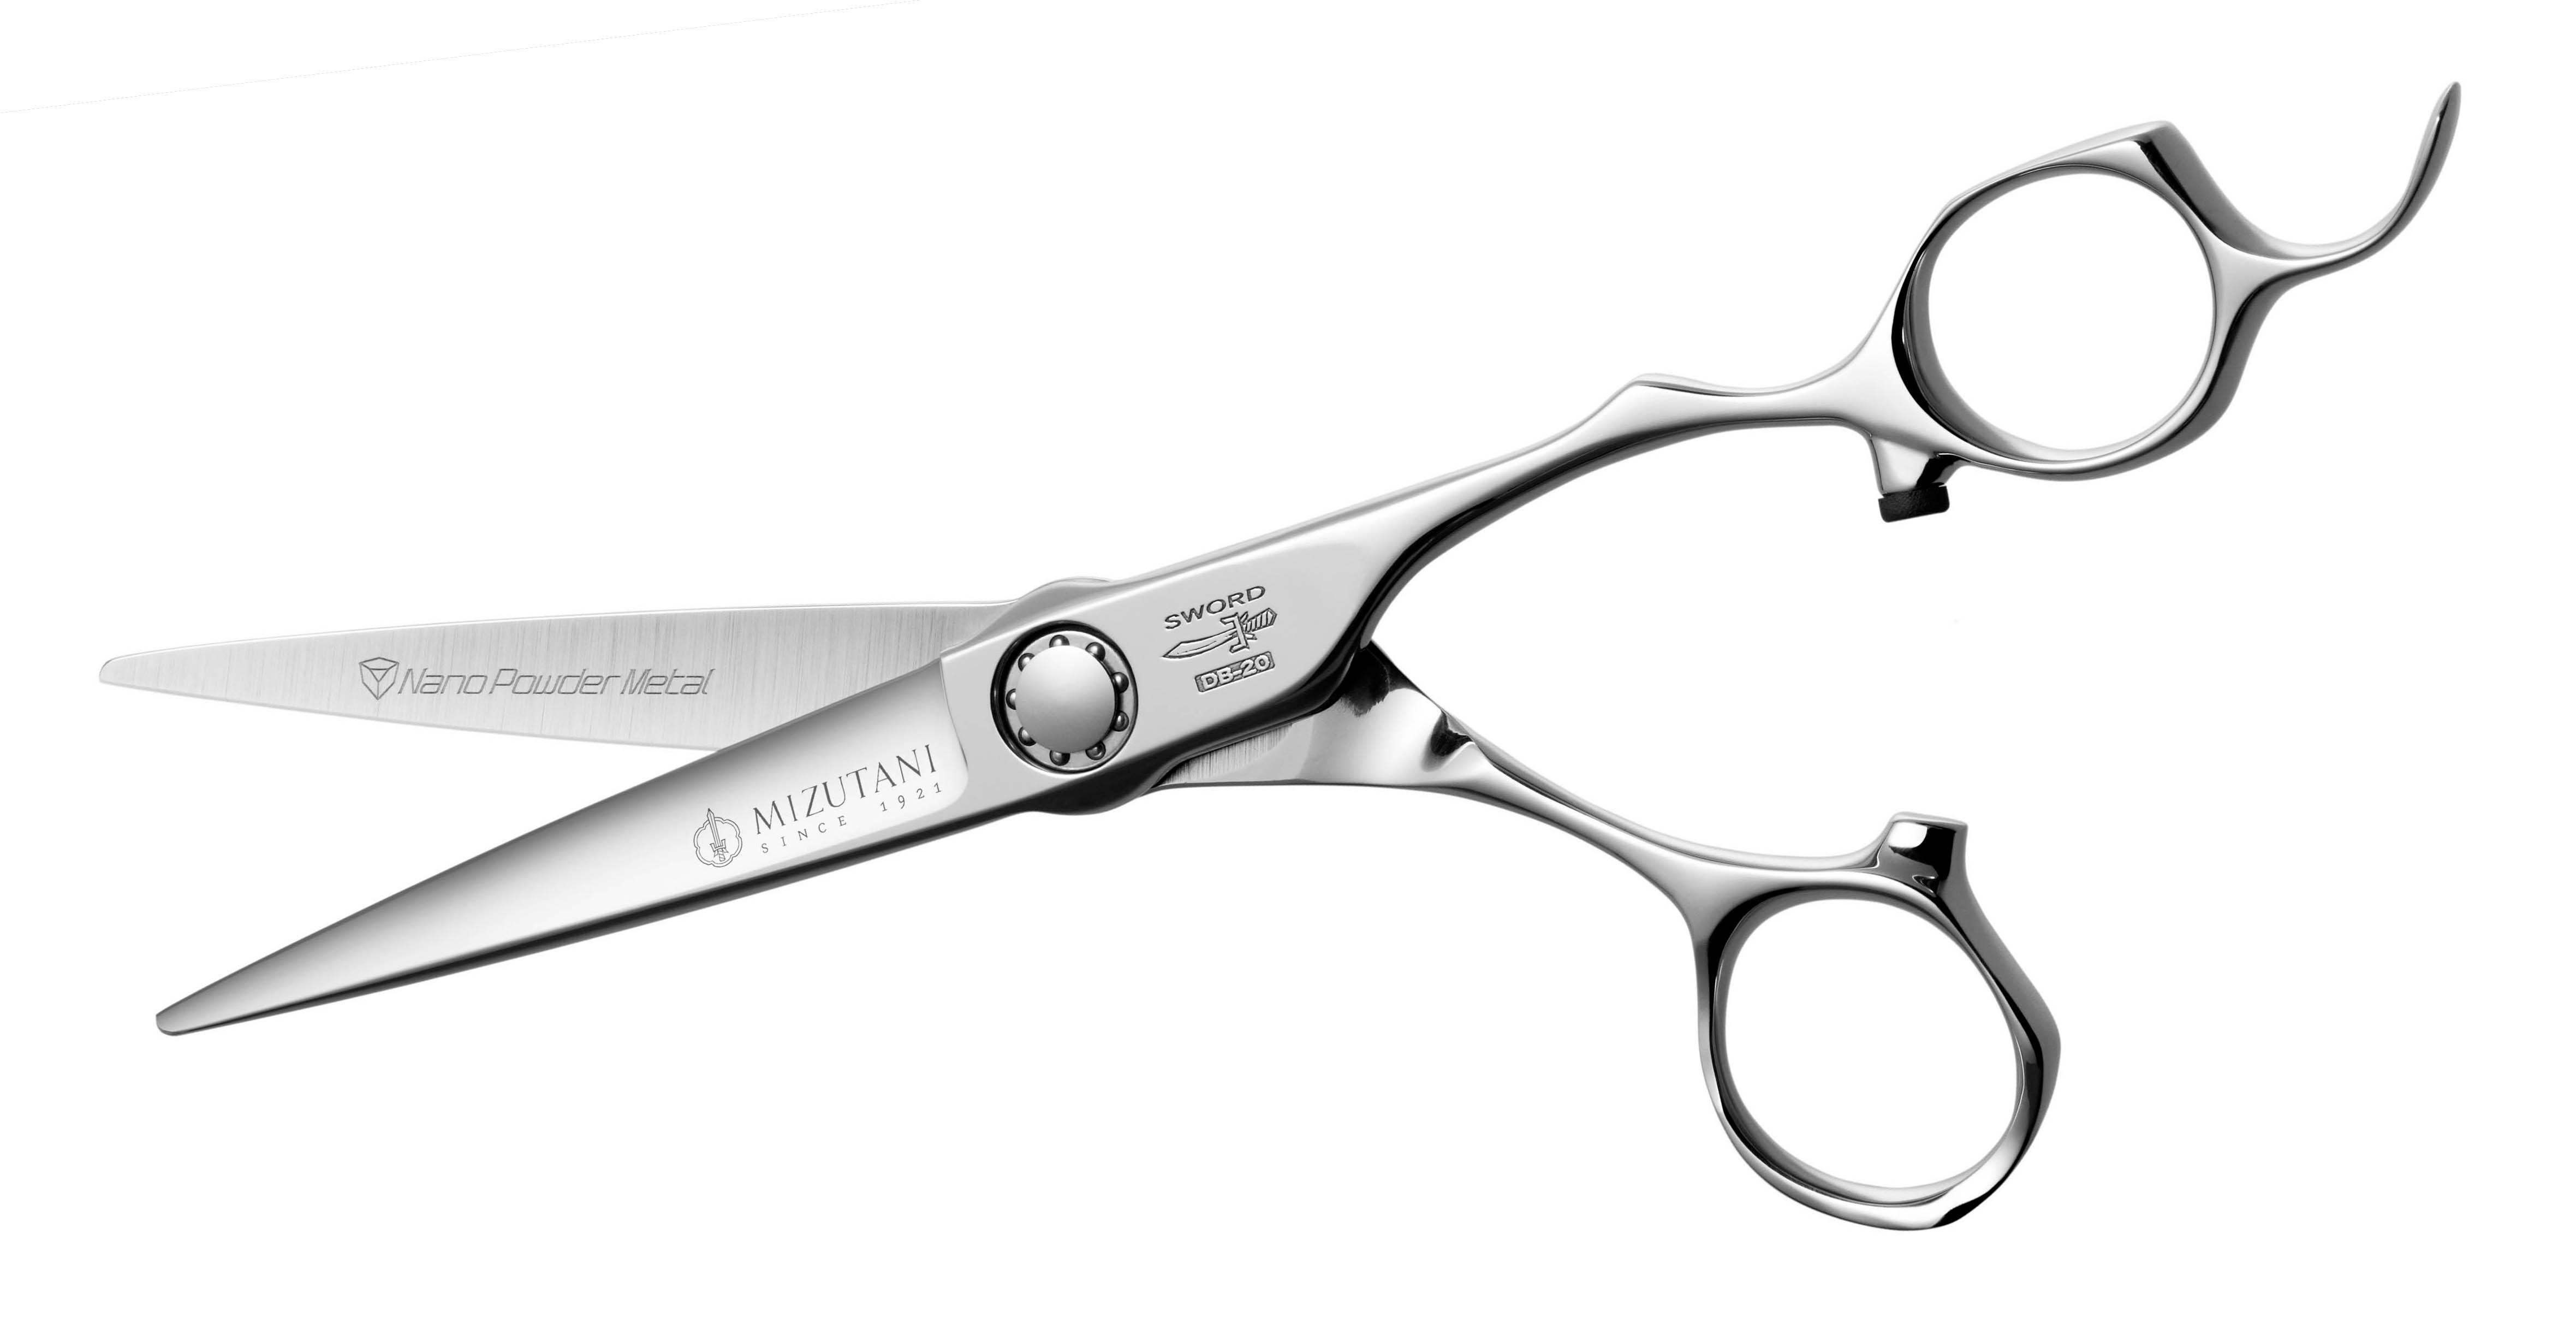 Mizutani Sword Db 20 Pro Hair Scissors